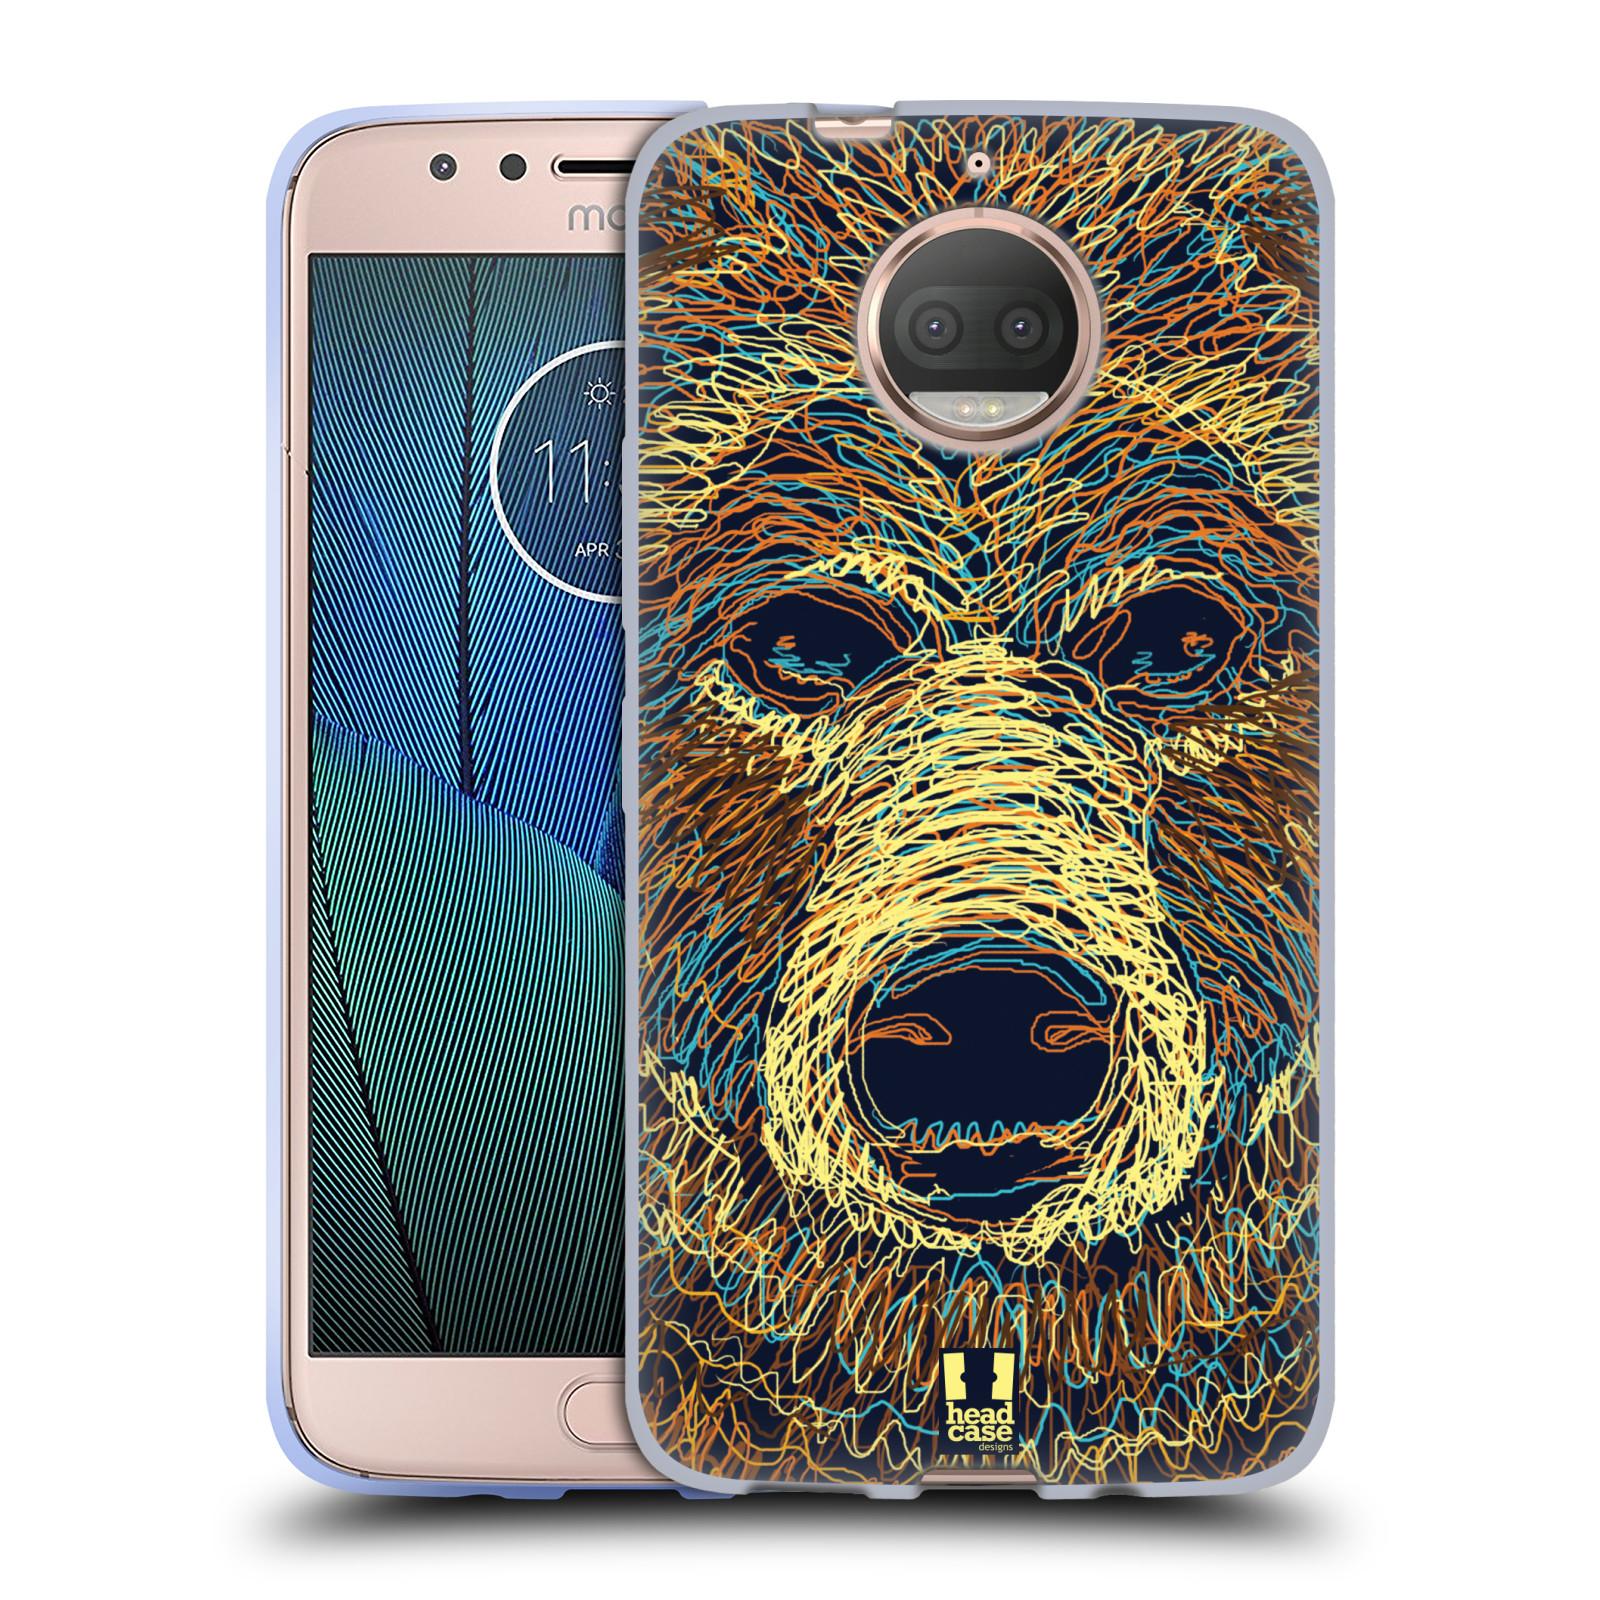 HEAD CASE silikonový obal na mobil Lenovo Moto G5s PLUS vzor zvíře čmáranice medvěd